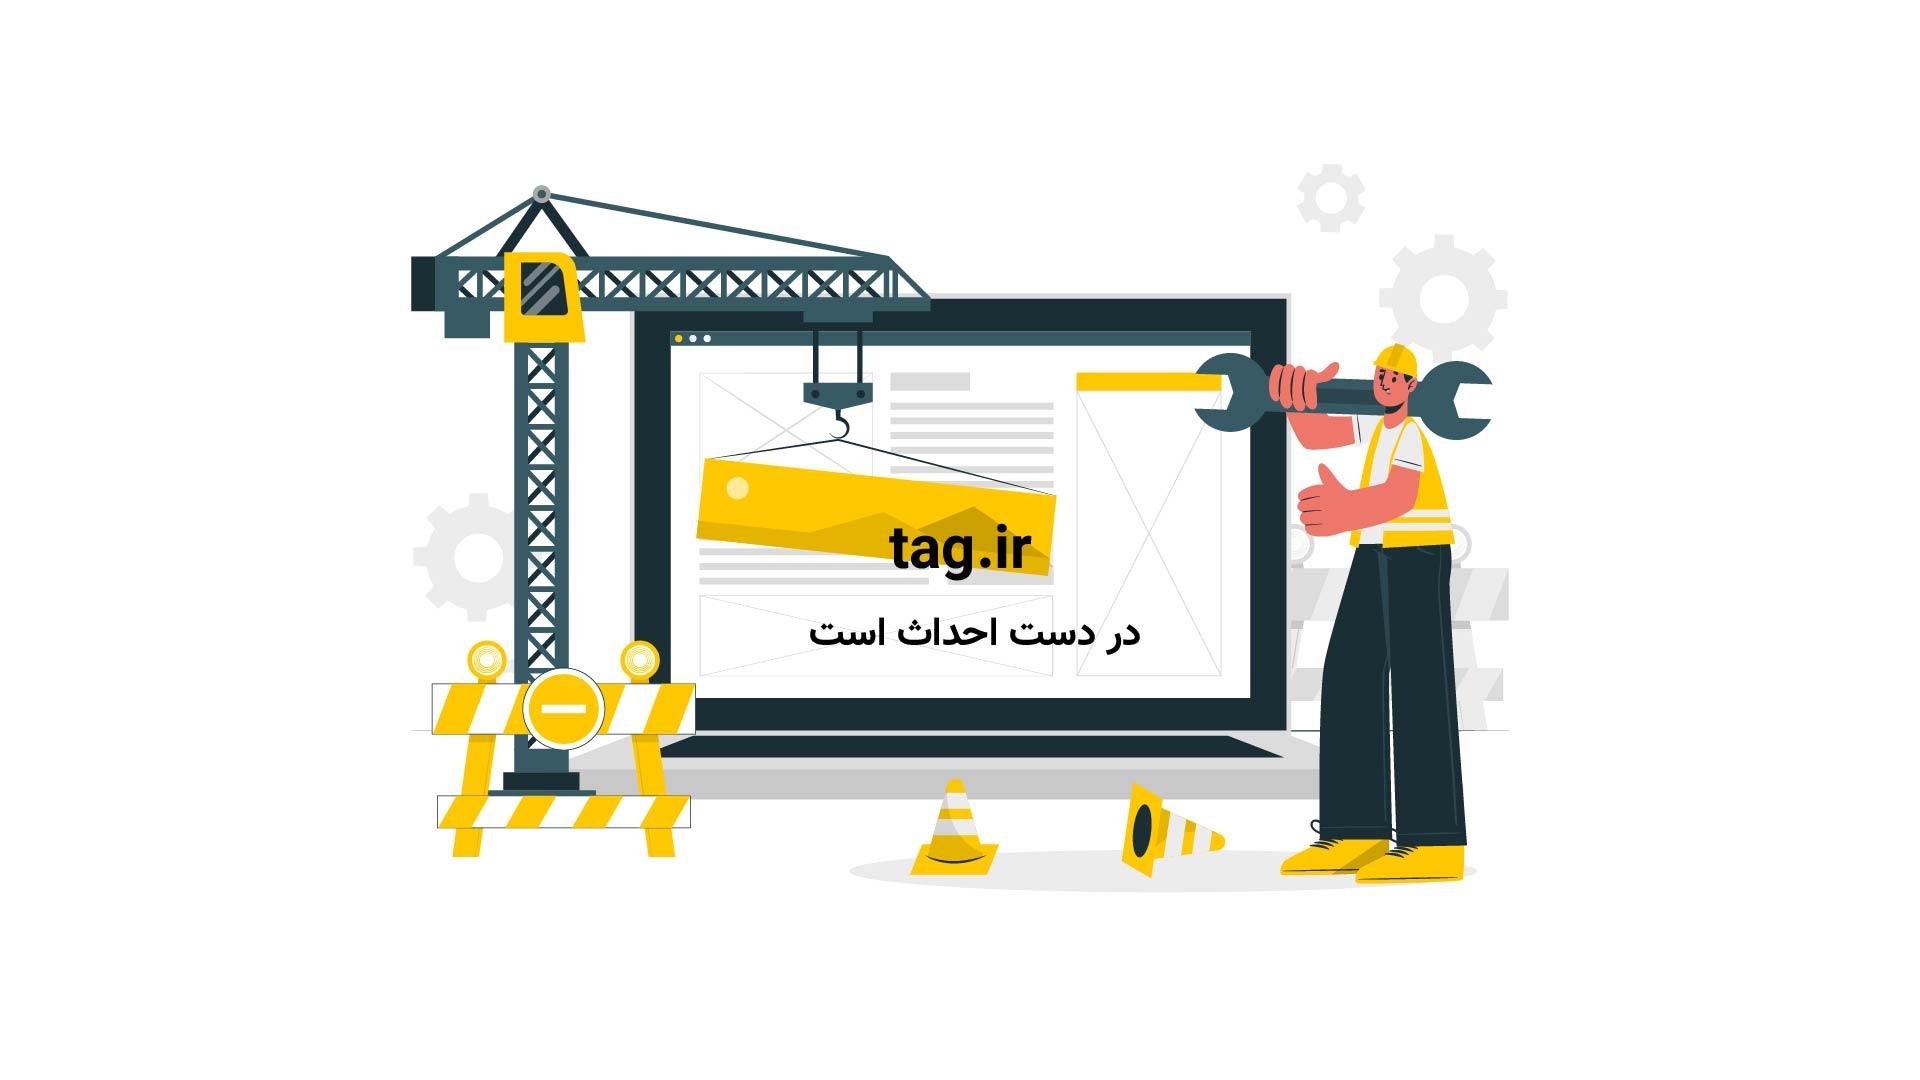 مجری کره شمالی | تگ